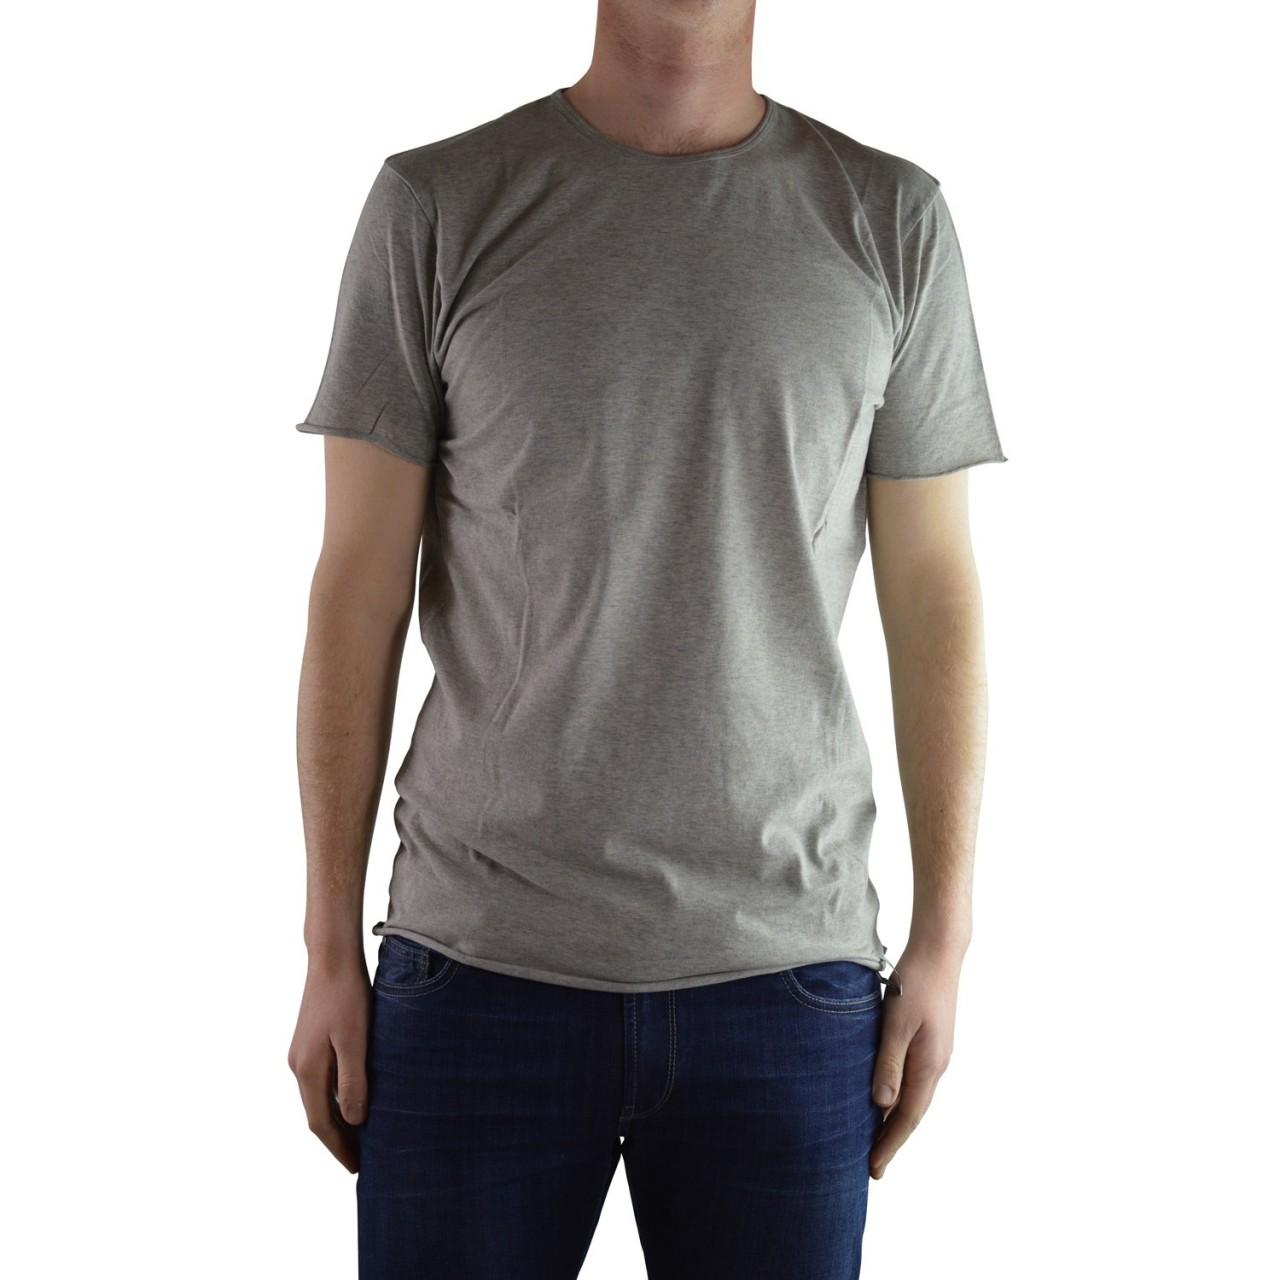 Wise guy Uomo Tshirt Wise Guy Uomo Girocollo Manica Corta Cotone 415J1001